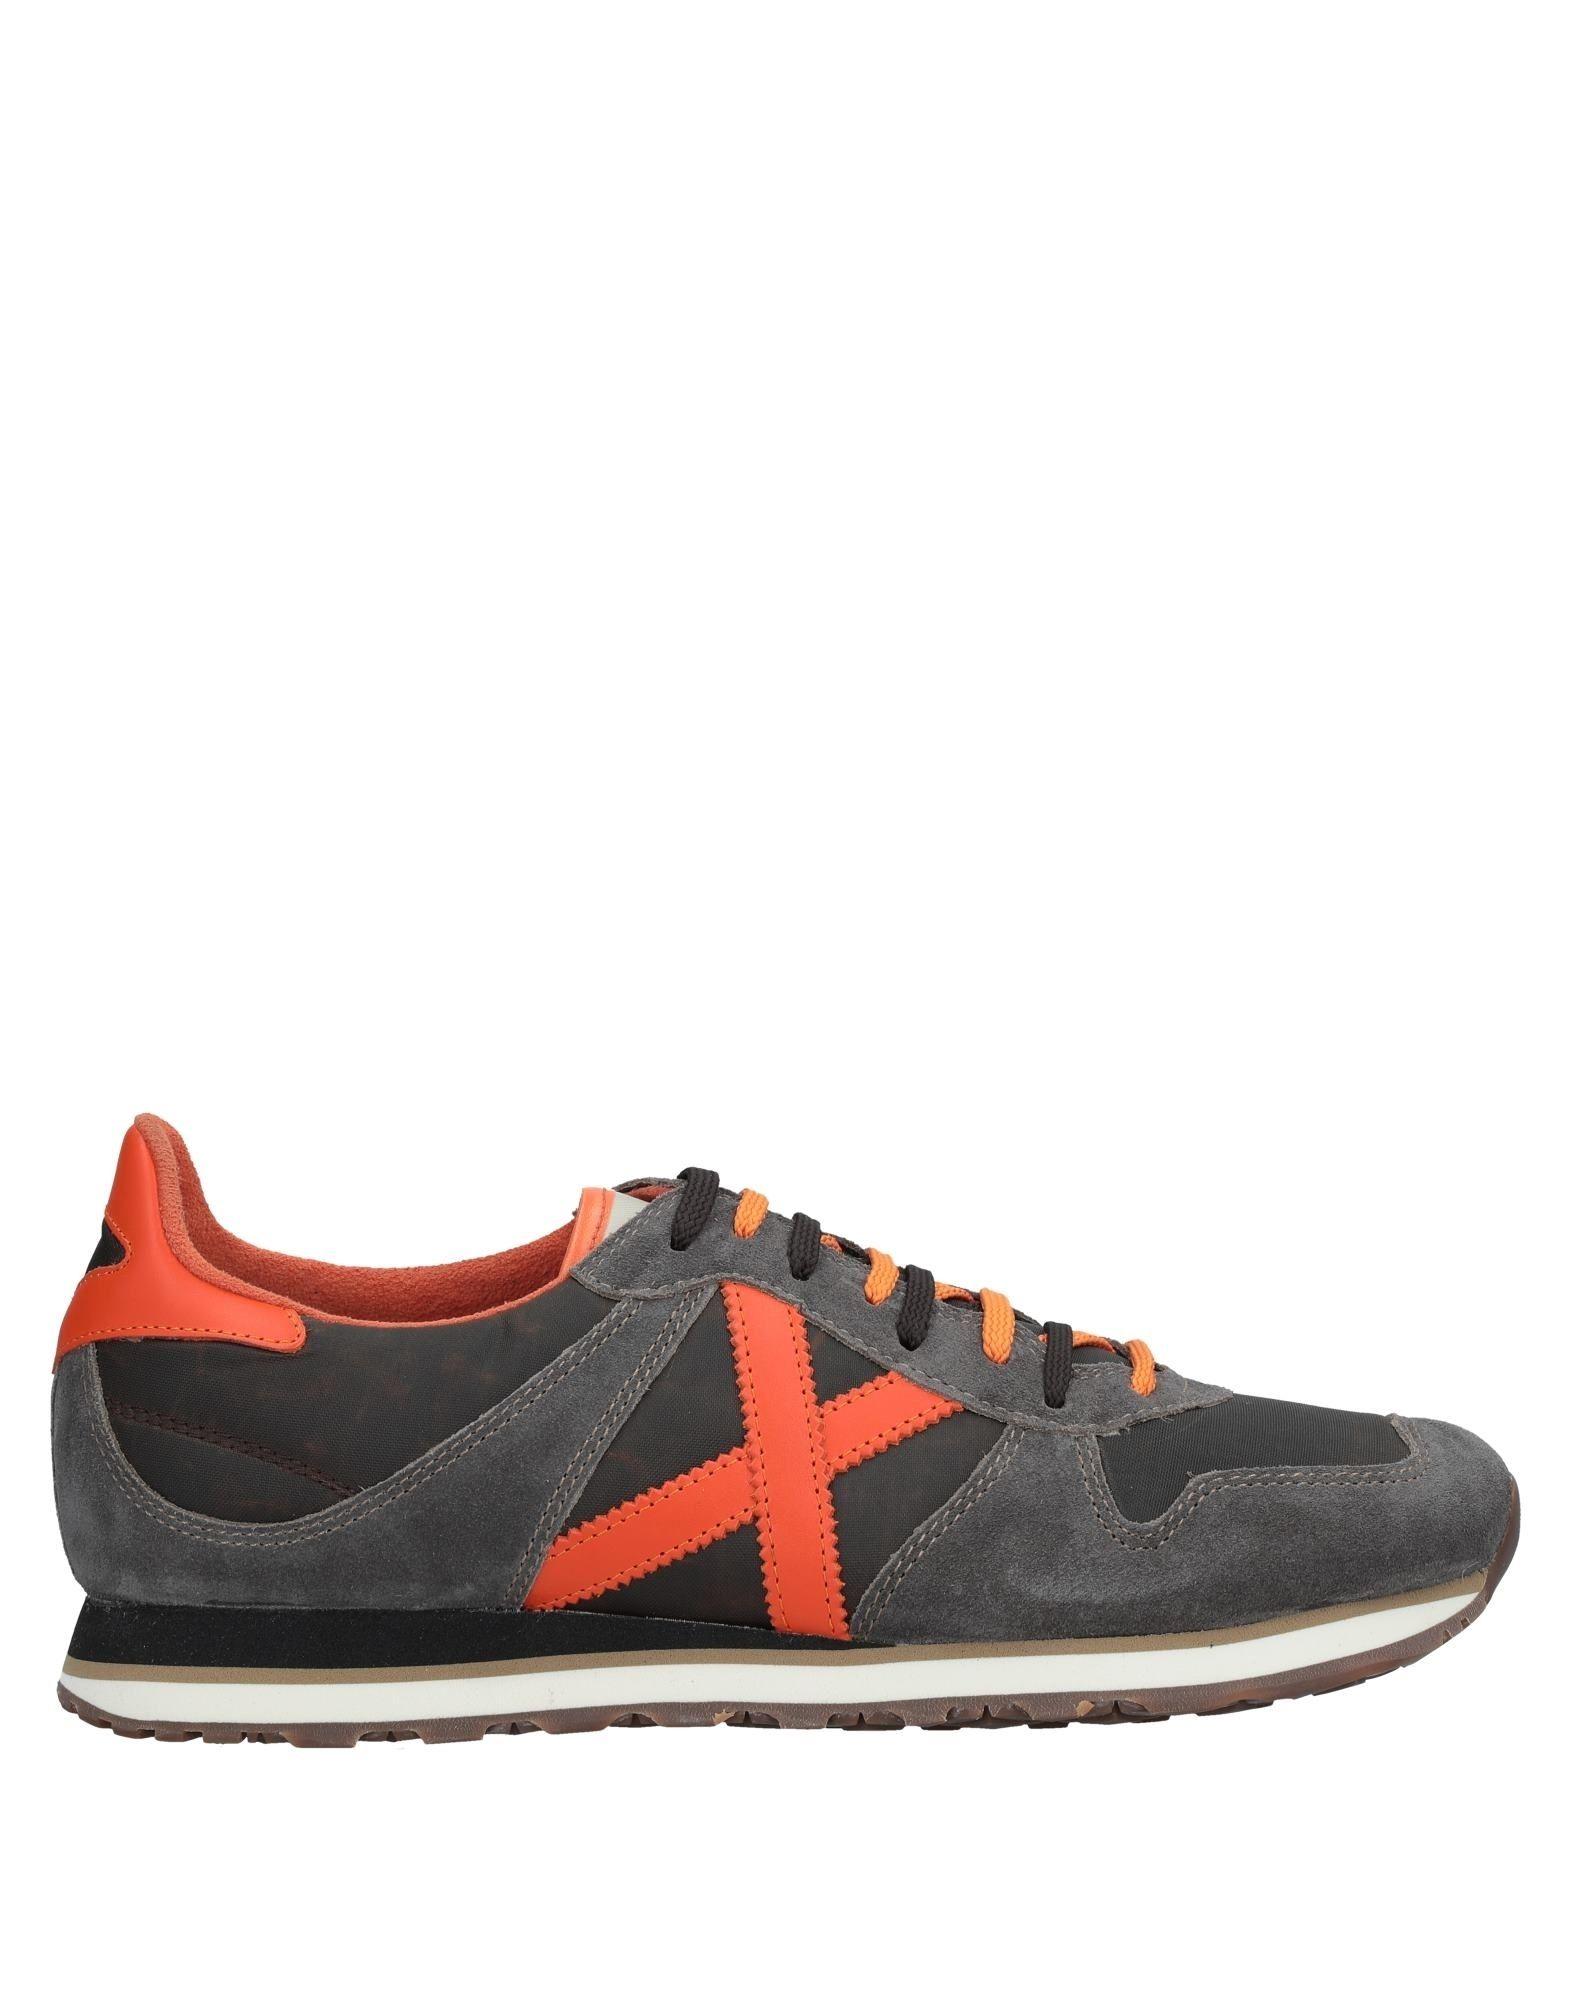 Sneakers Munich Uomo - 11536870BR Scarpe economiche e buone